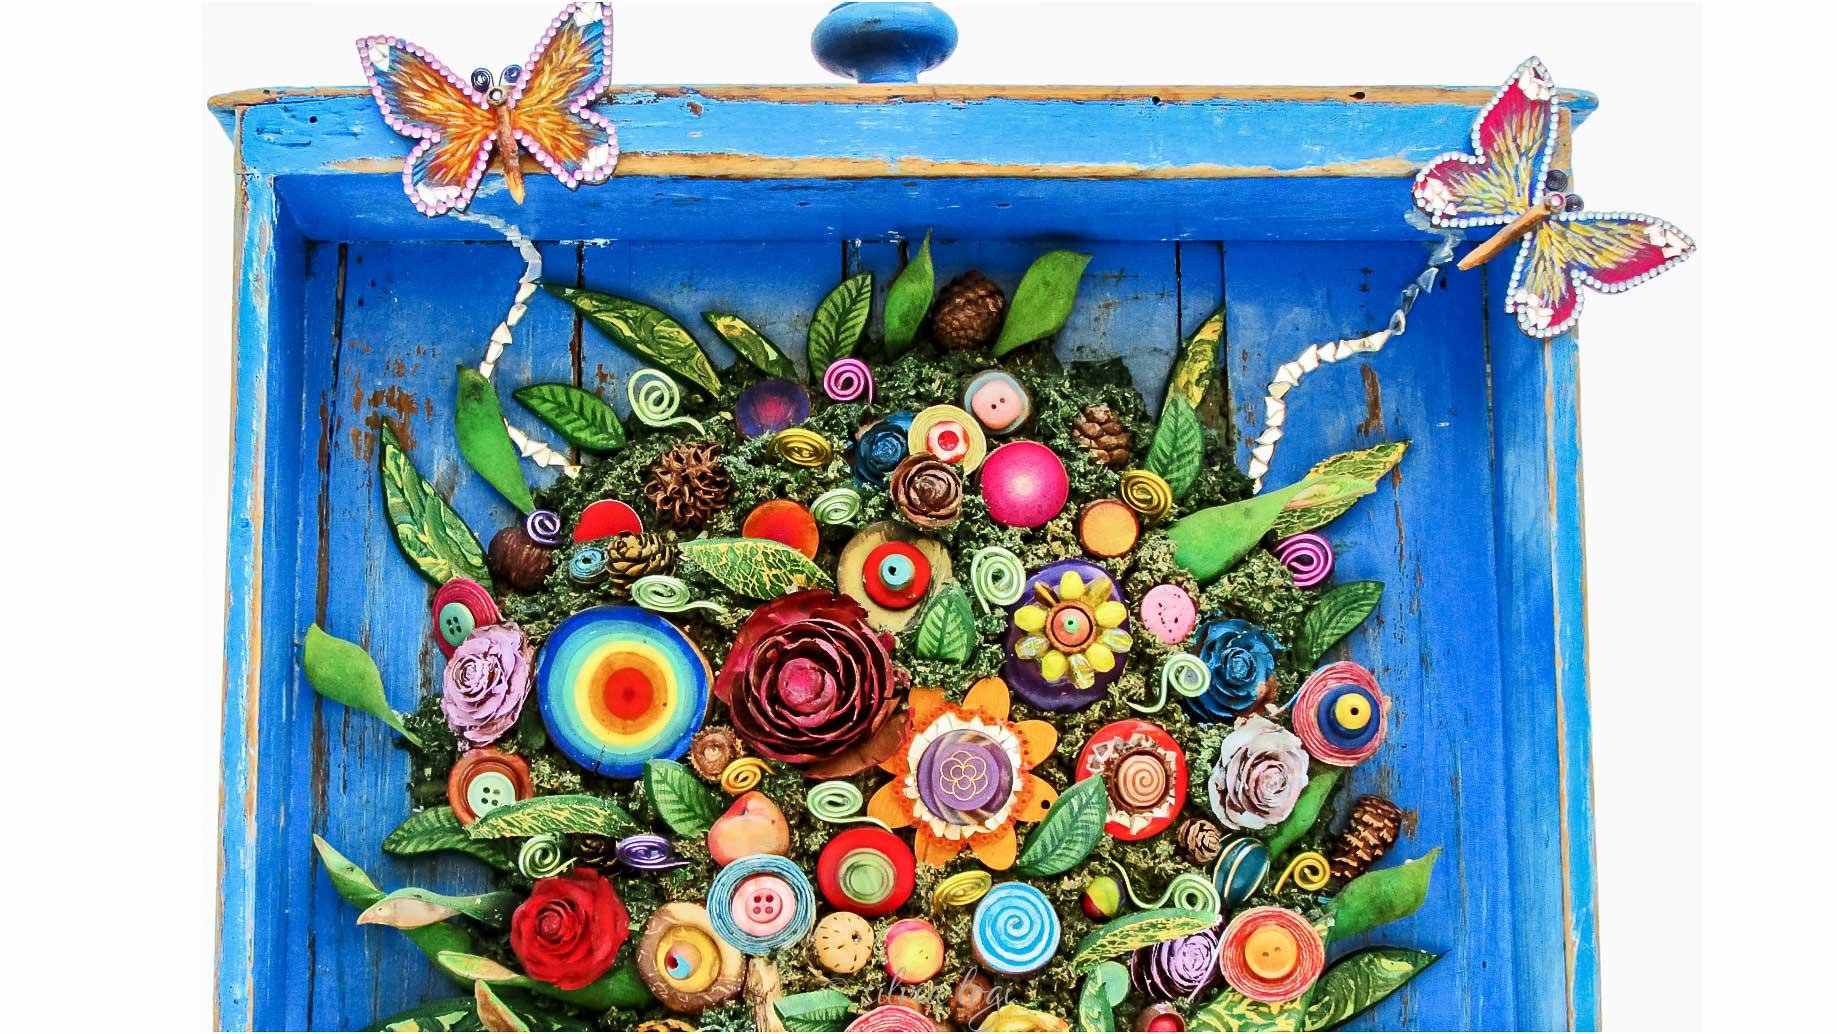 Silvia logi il cassetto dei fiori segreti - Il giardino dei fiori segreti ...